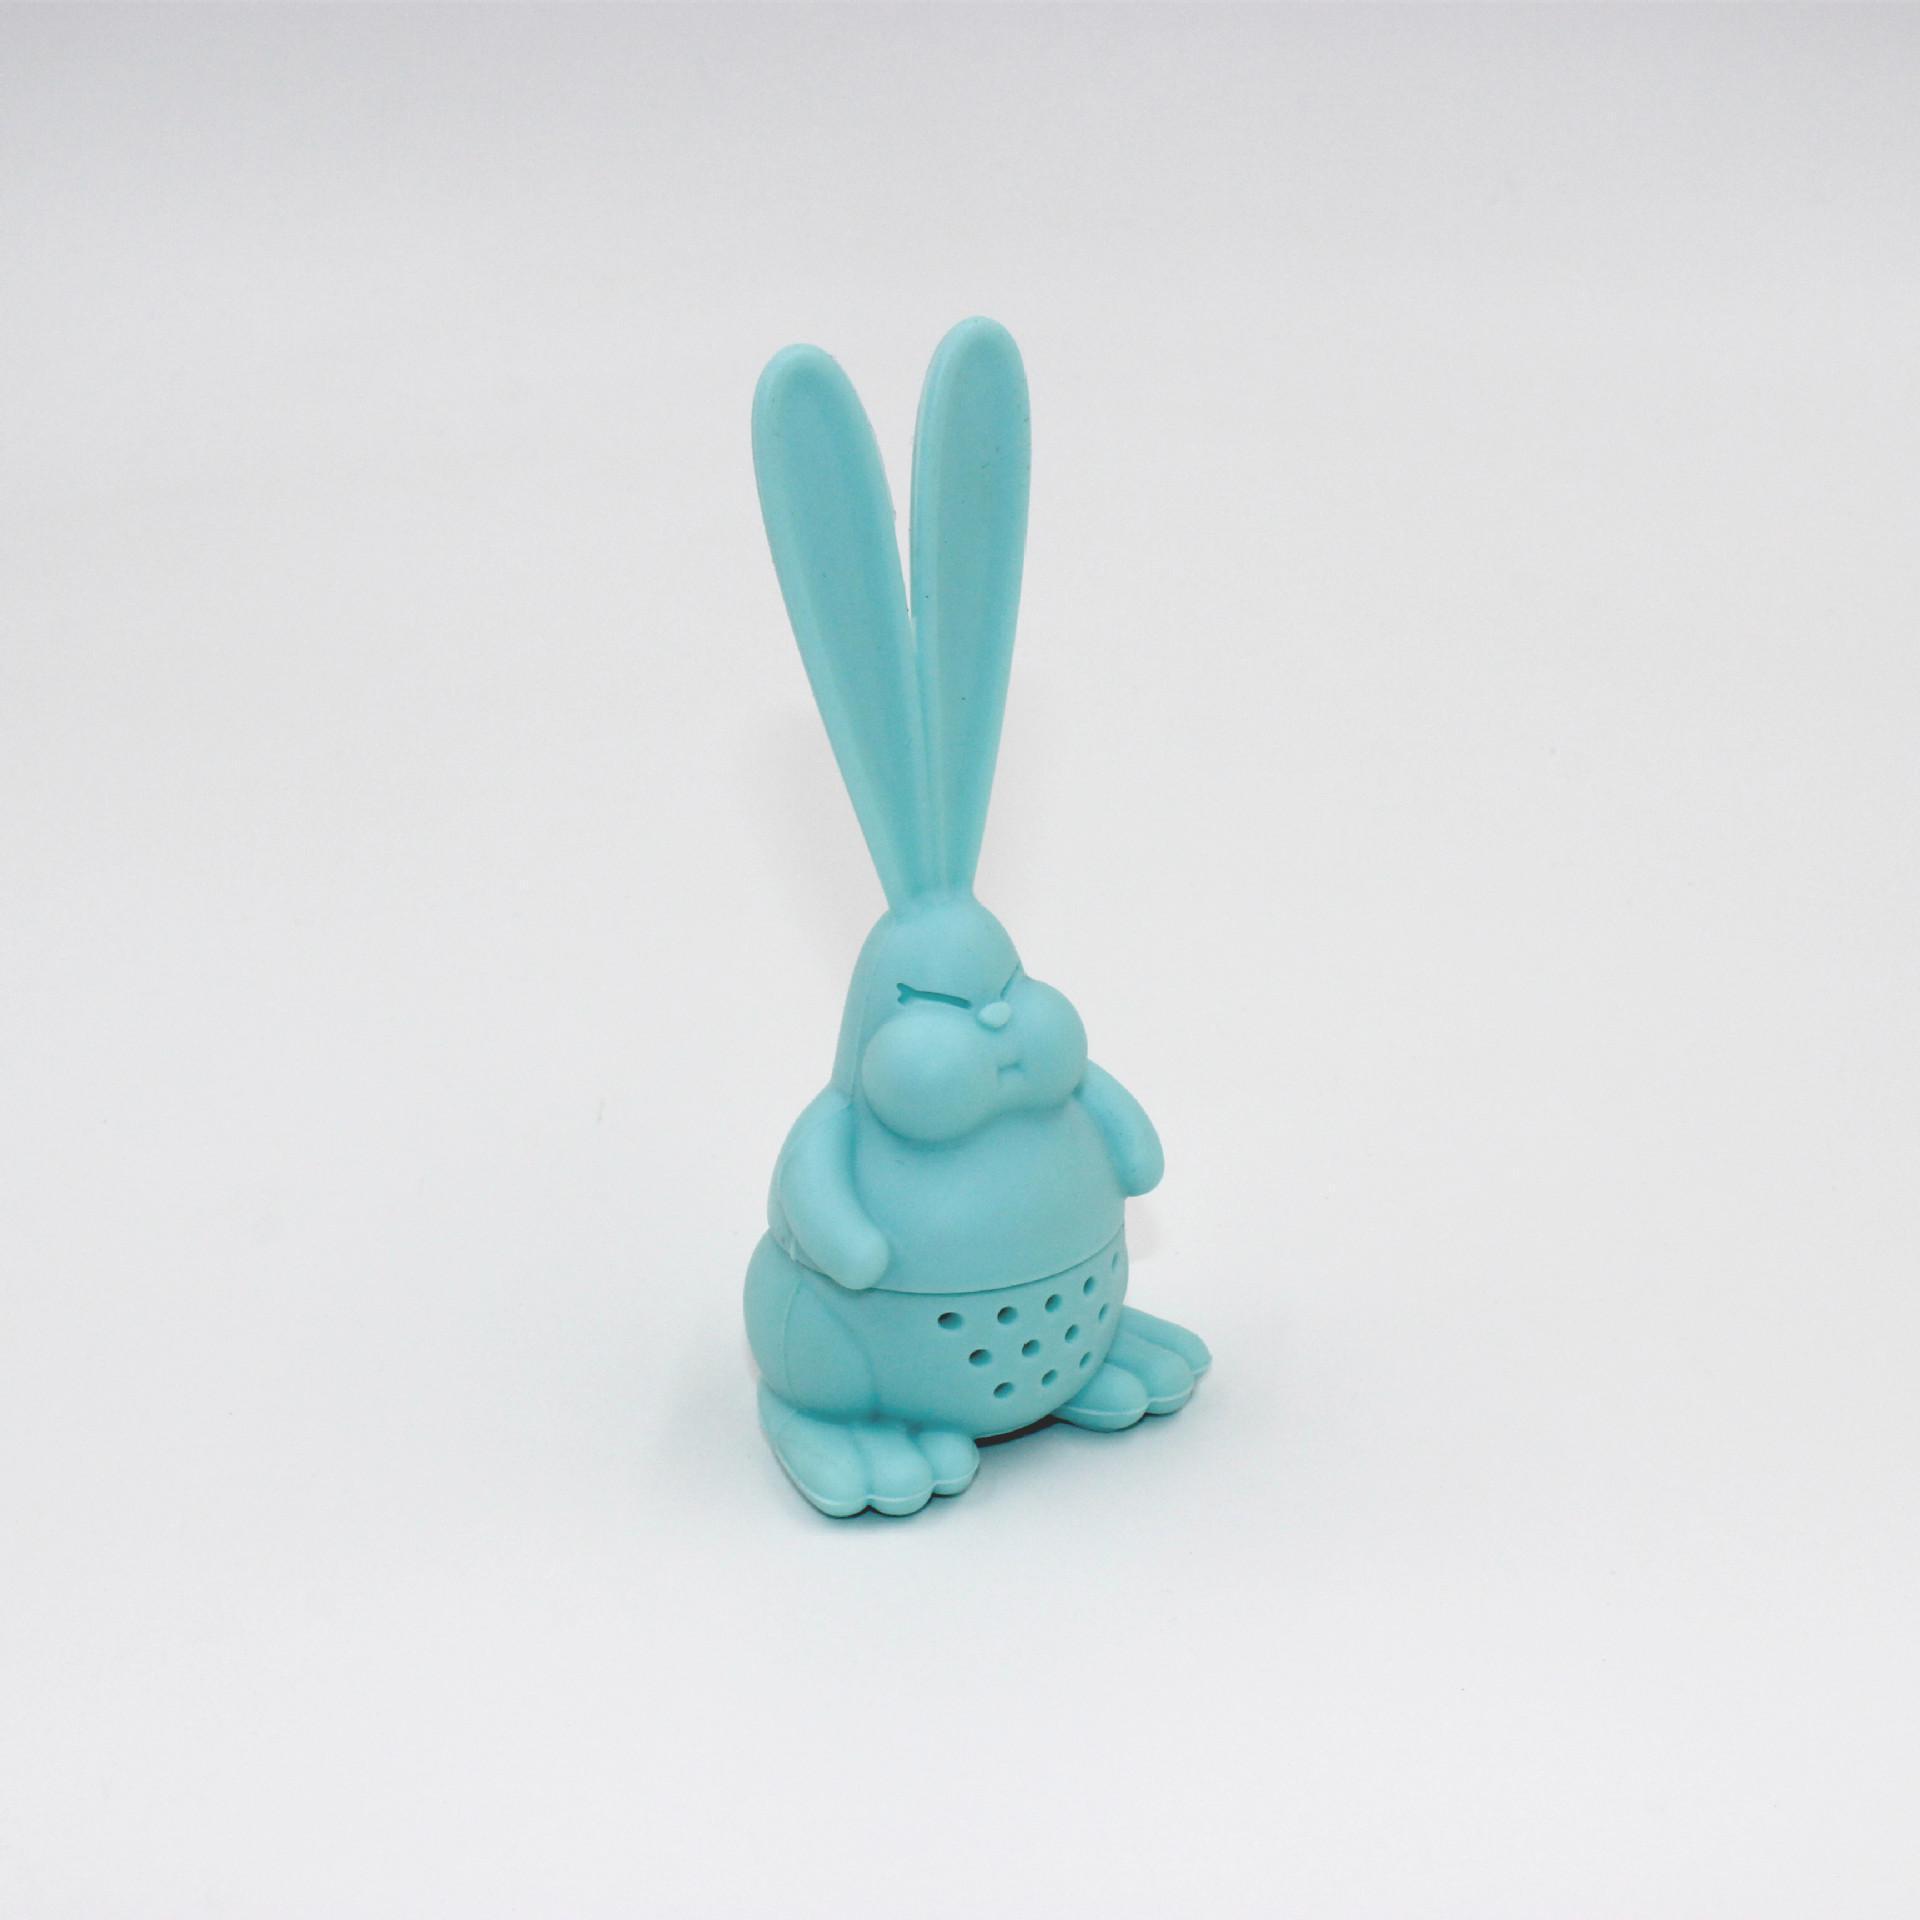 الكرتون غاضب أرنب شاي infuser الغذاء الصف سيليكون أرنب الشاي مصفاة كبيرة الأذن أرنب الشاي حقيبة FWA2536